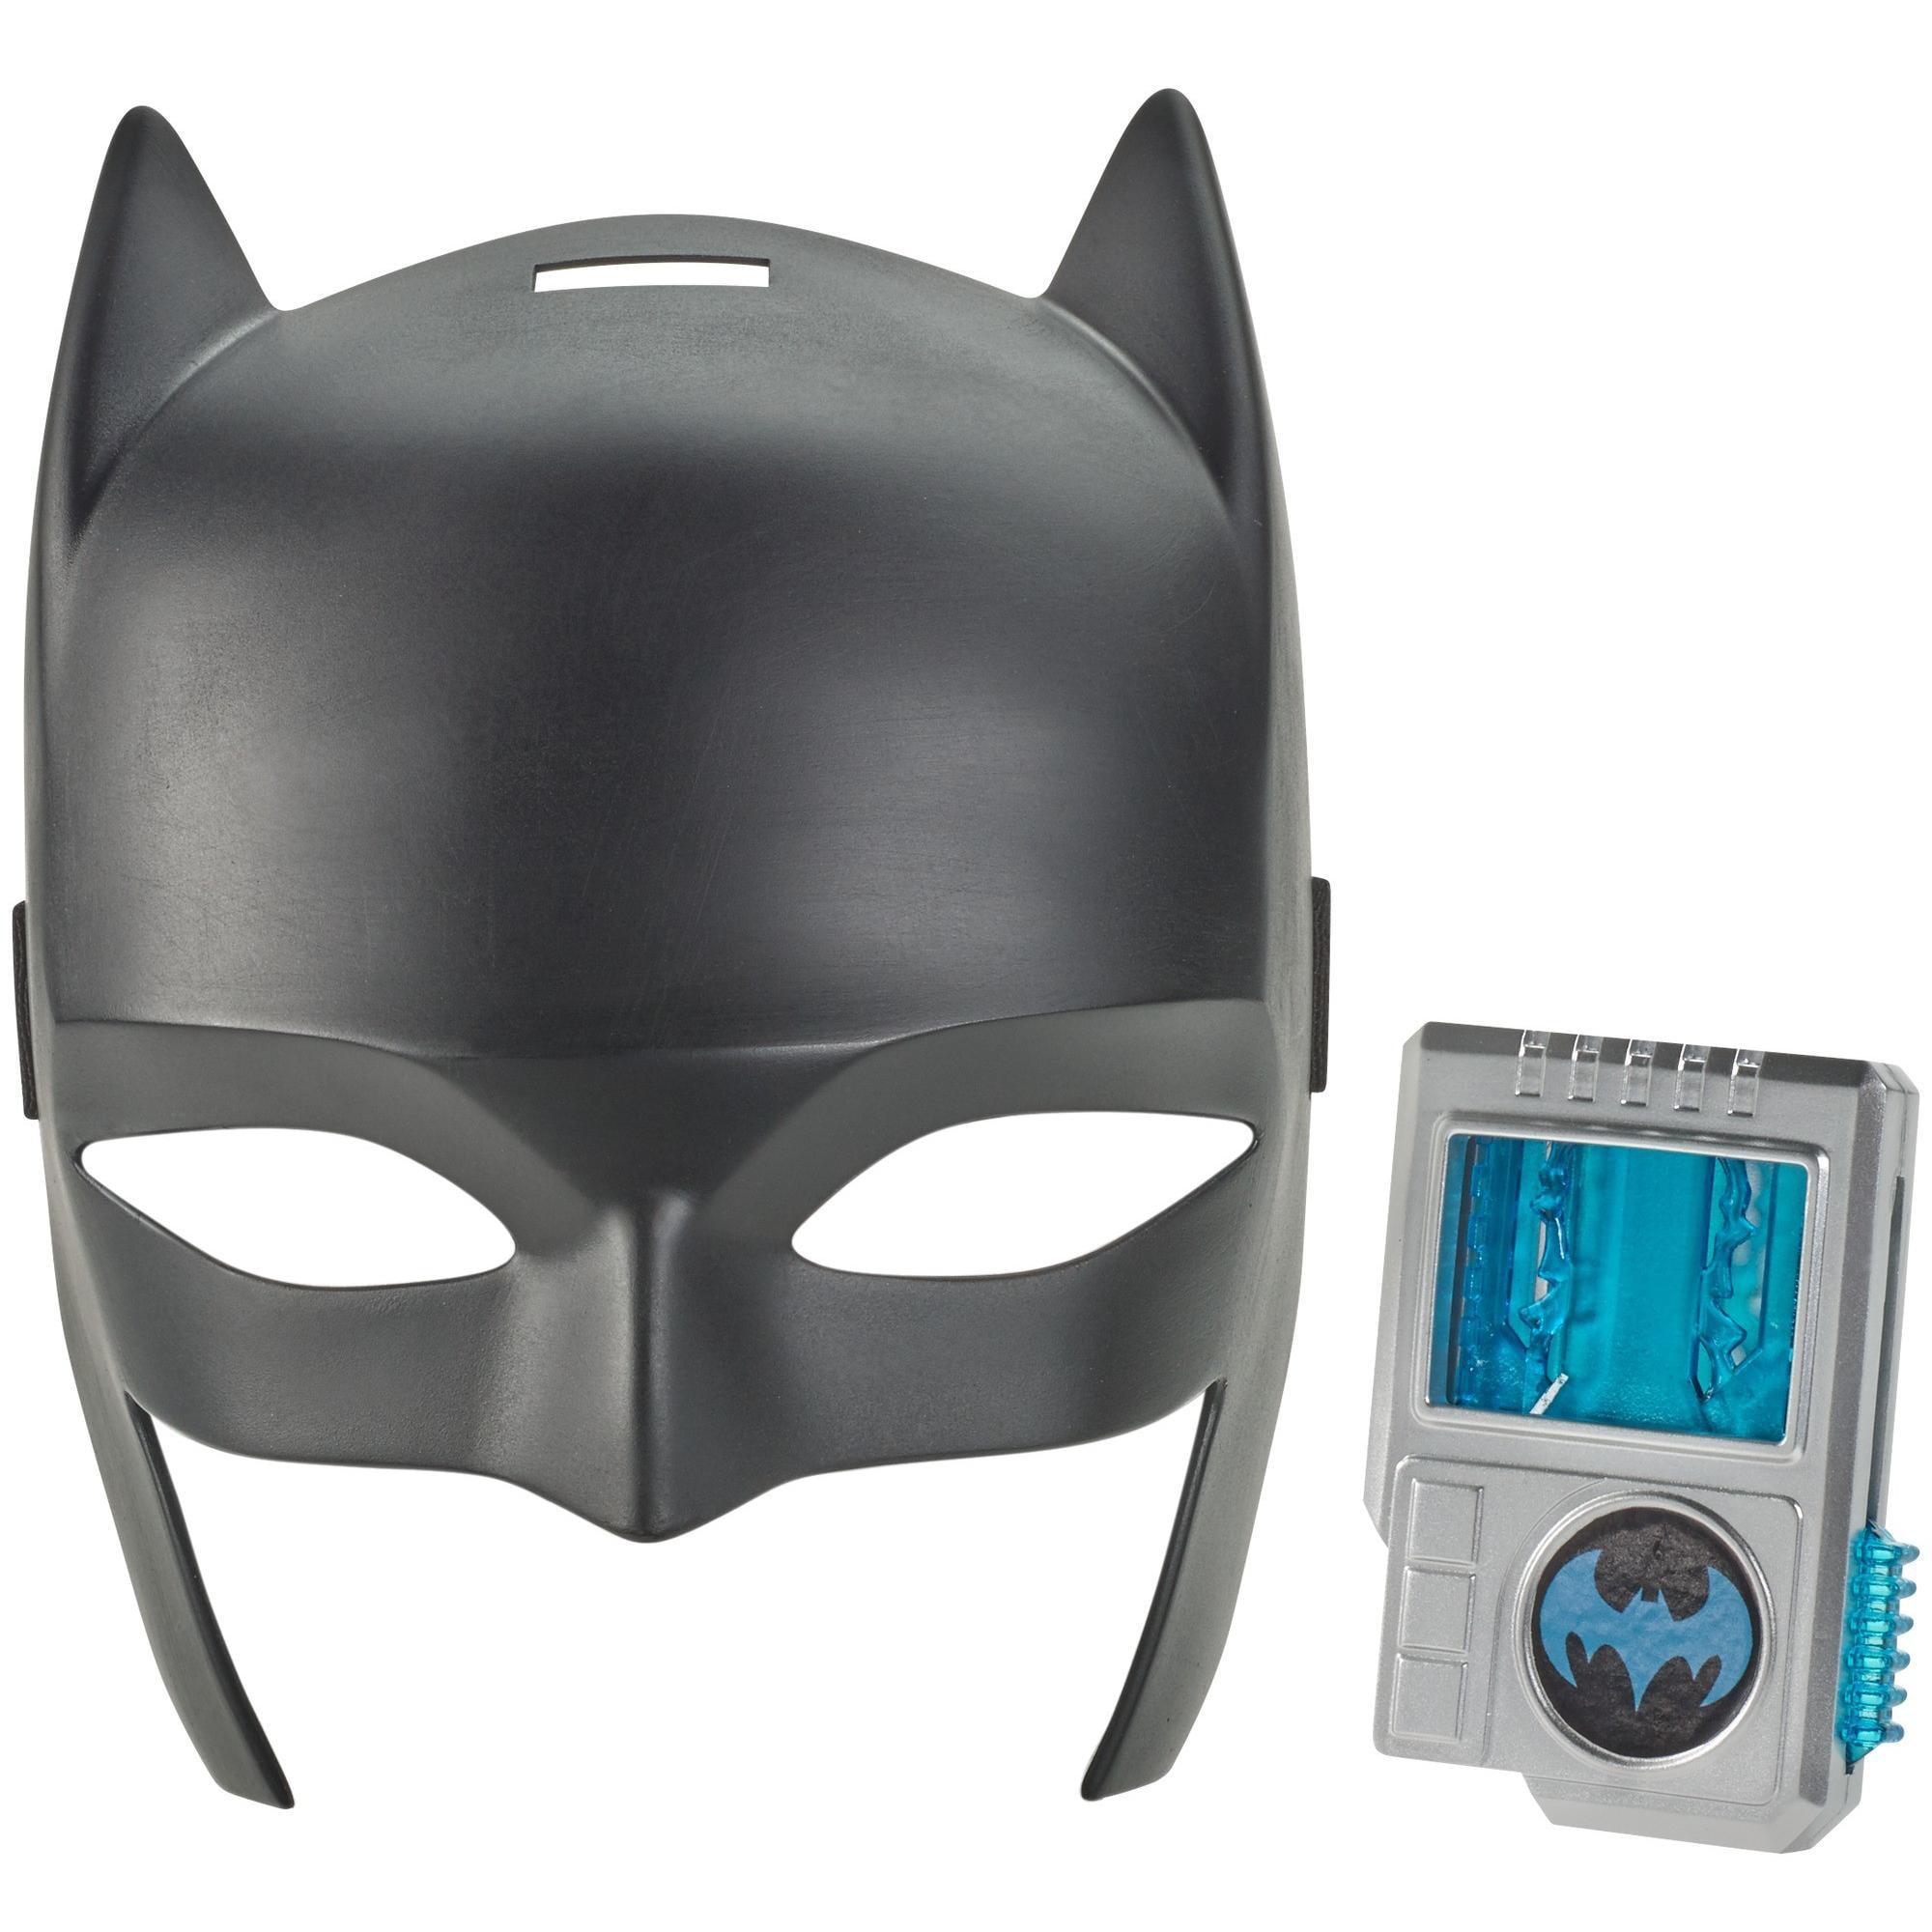 Justice League Action Batman Mask